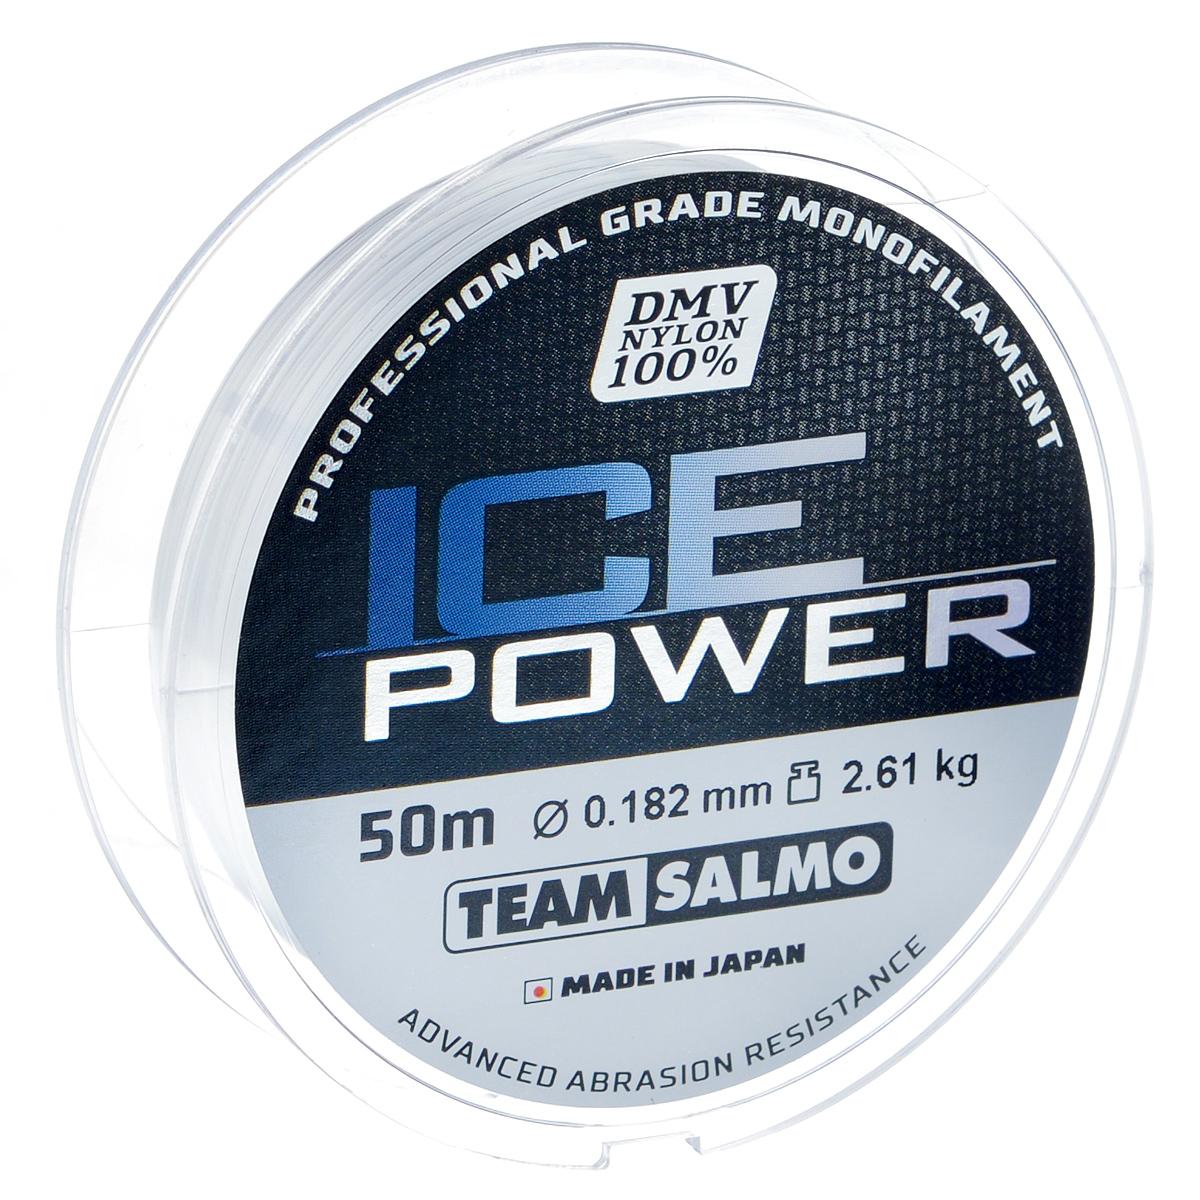 Леска монофильная Team Salmo Ice Power, сечение 0,182 мм, длина 50 мTS4924-018Team Salmo Ice Power - это леска последнего поколения, идеально калиброванная по всей длине, с точностью, определяемой до третьего знака. Материал, из которого изготовлена леска, обладает повышенной абразивной устойчивостью и не взаимодействует с водой, поэтому на морозе не теряет своих физических свойств, что значительно увеличивает срок ее службы. У лески отсутствует память, поэтому в процессе эксплуатации она не деформируется. Низкий коэффициент растяжимости делает леску максимально чувствительной, при этом она практически незаметна для рыбы. Леска производится использованием самого высококачественного сырья и новейших технологий.